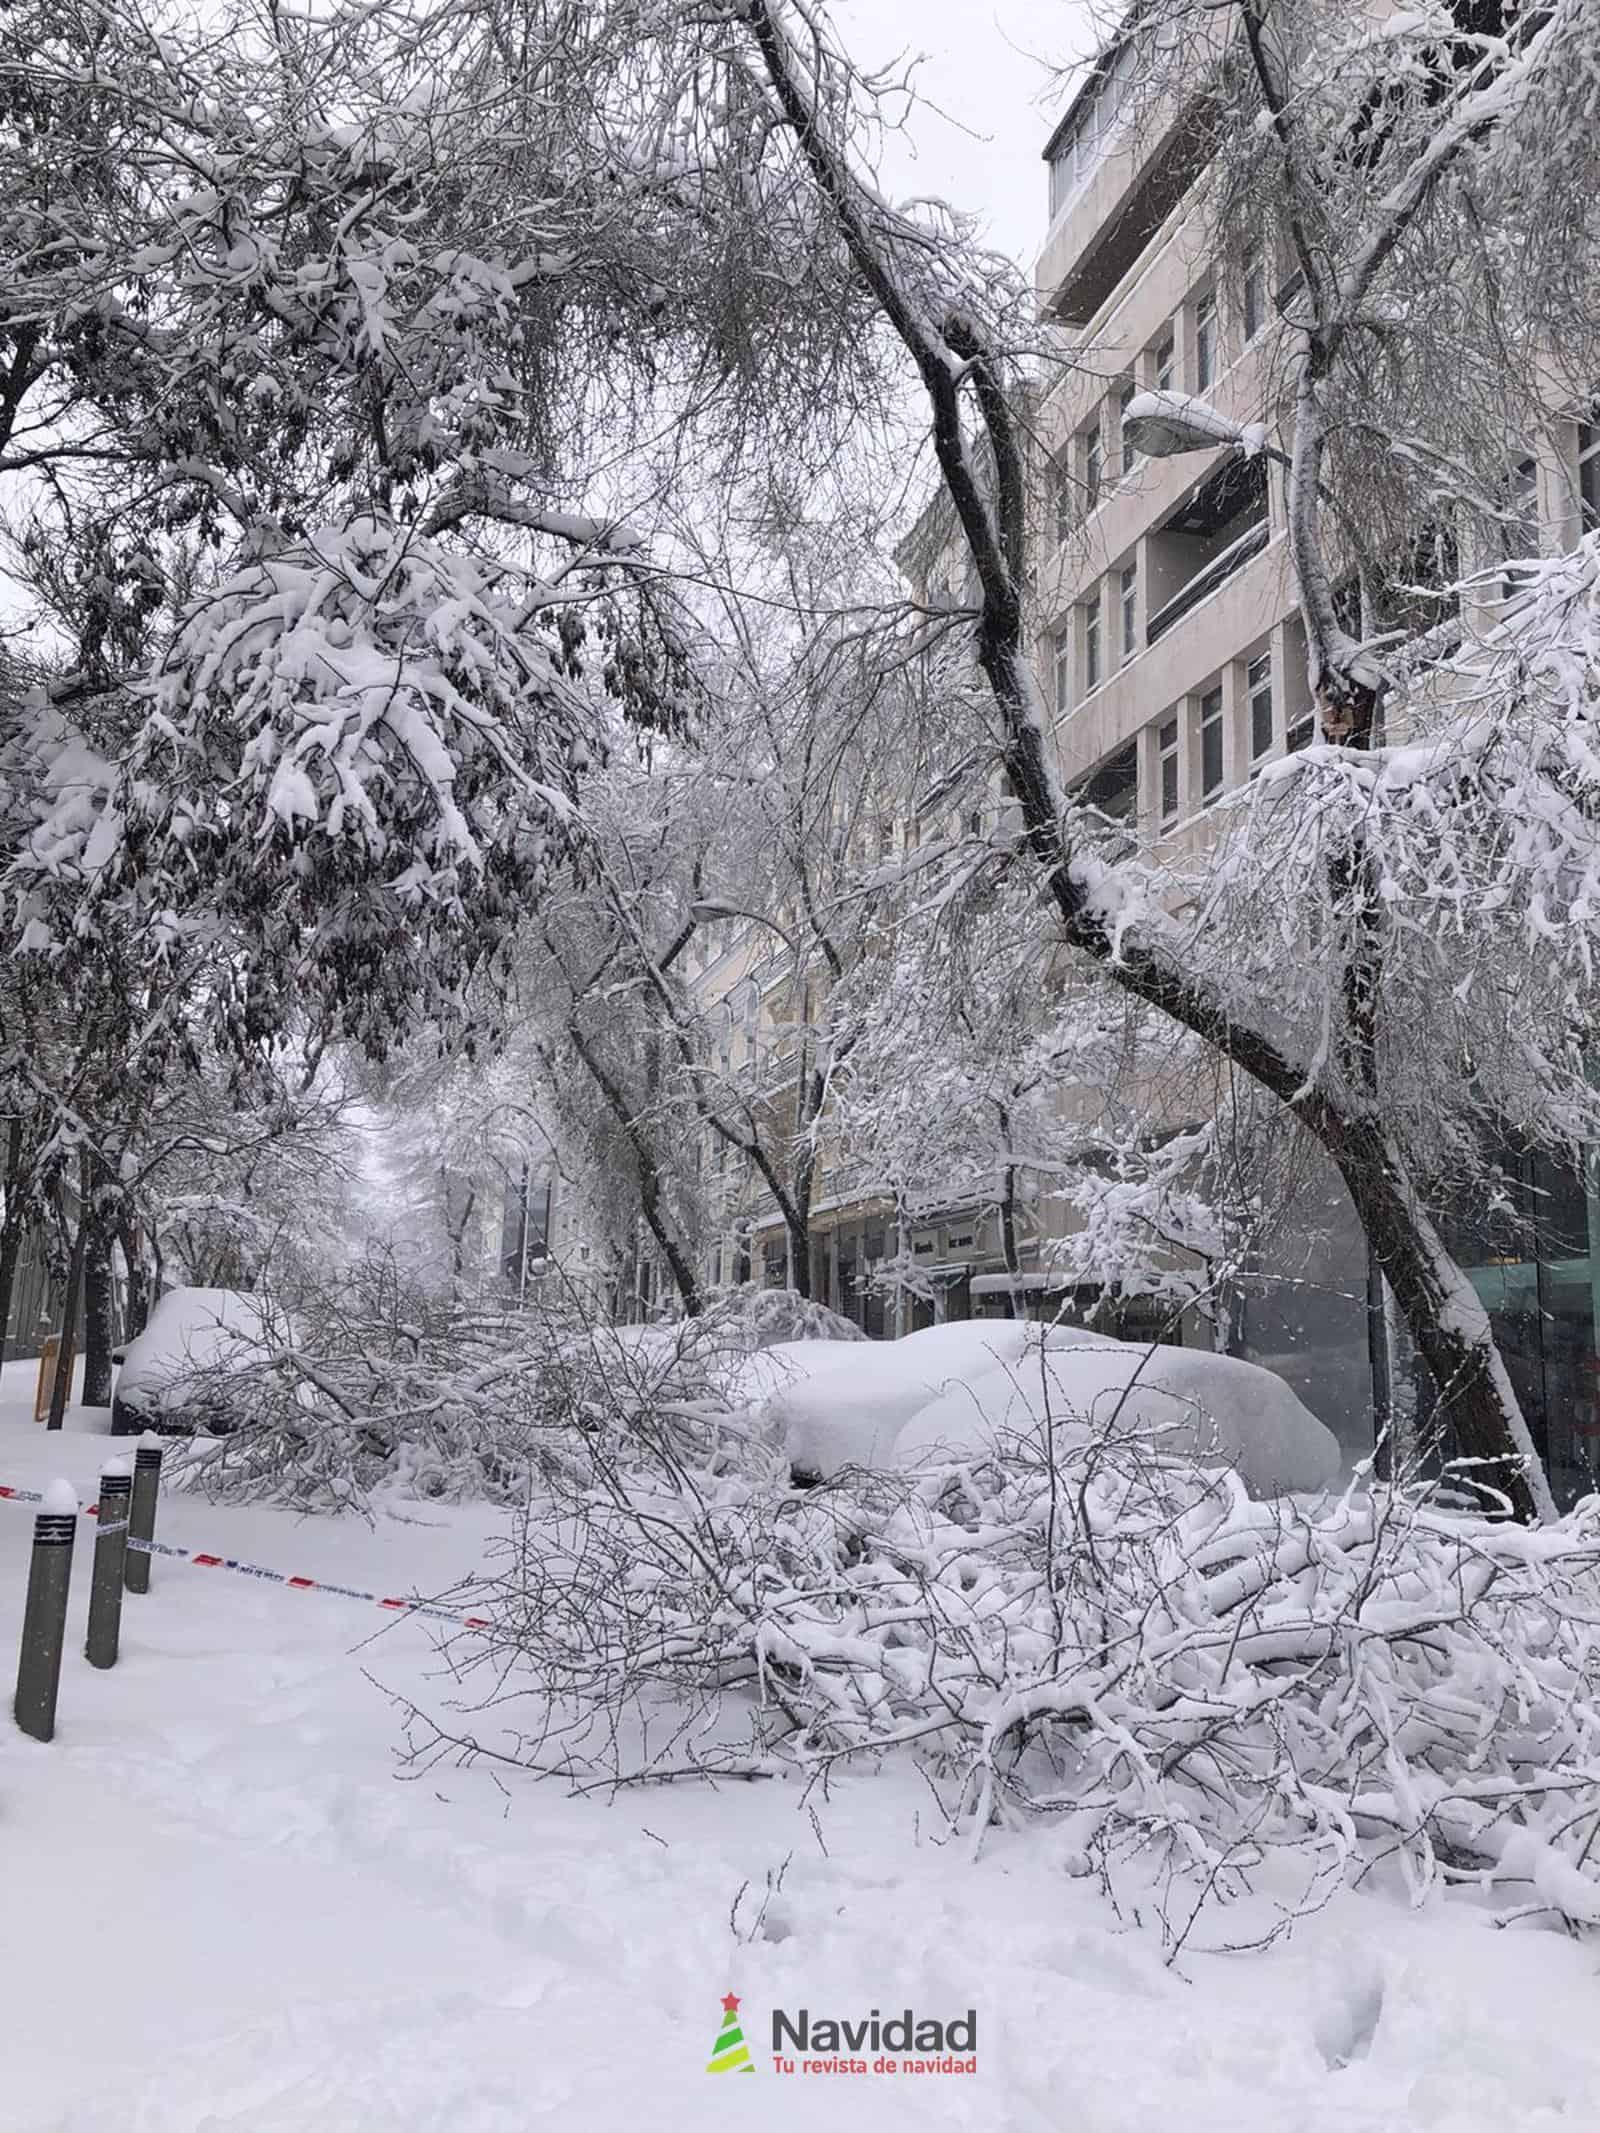 Fotografías de la nevada de enero en Madrid (España) 158